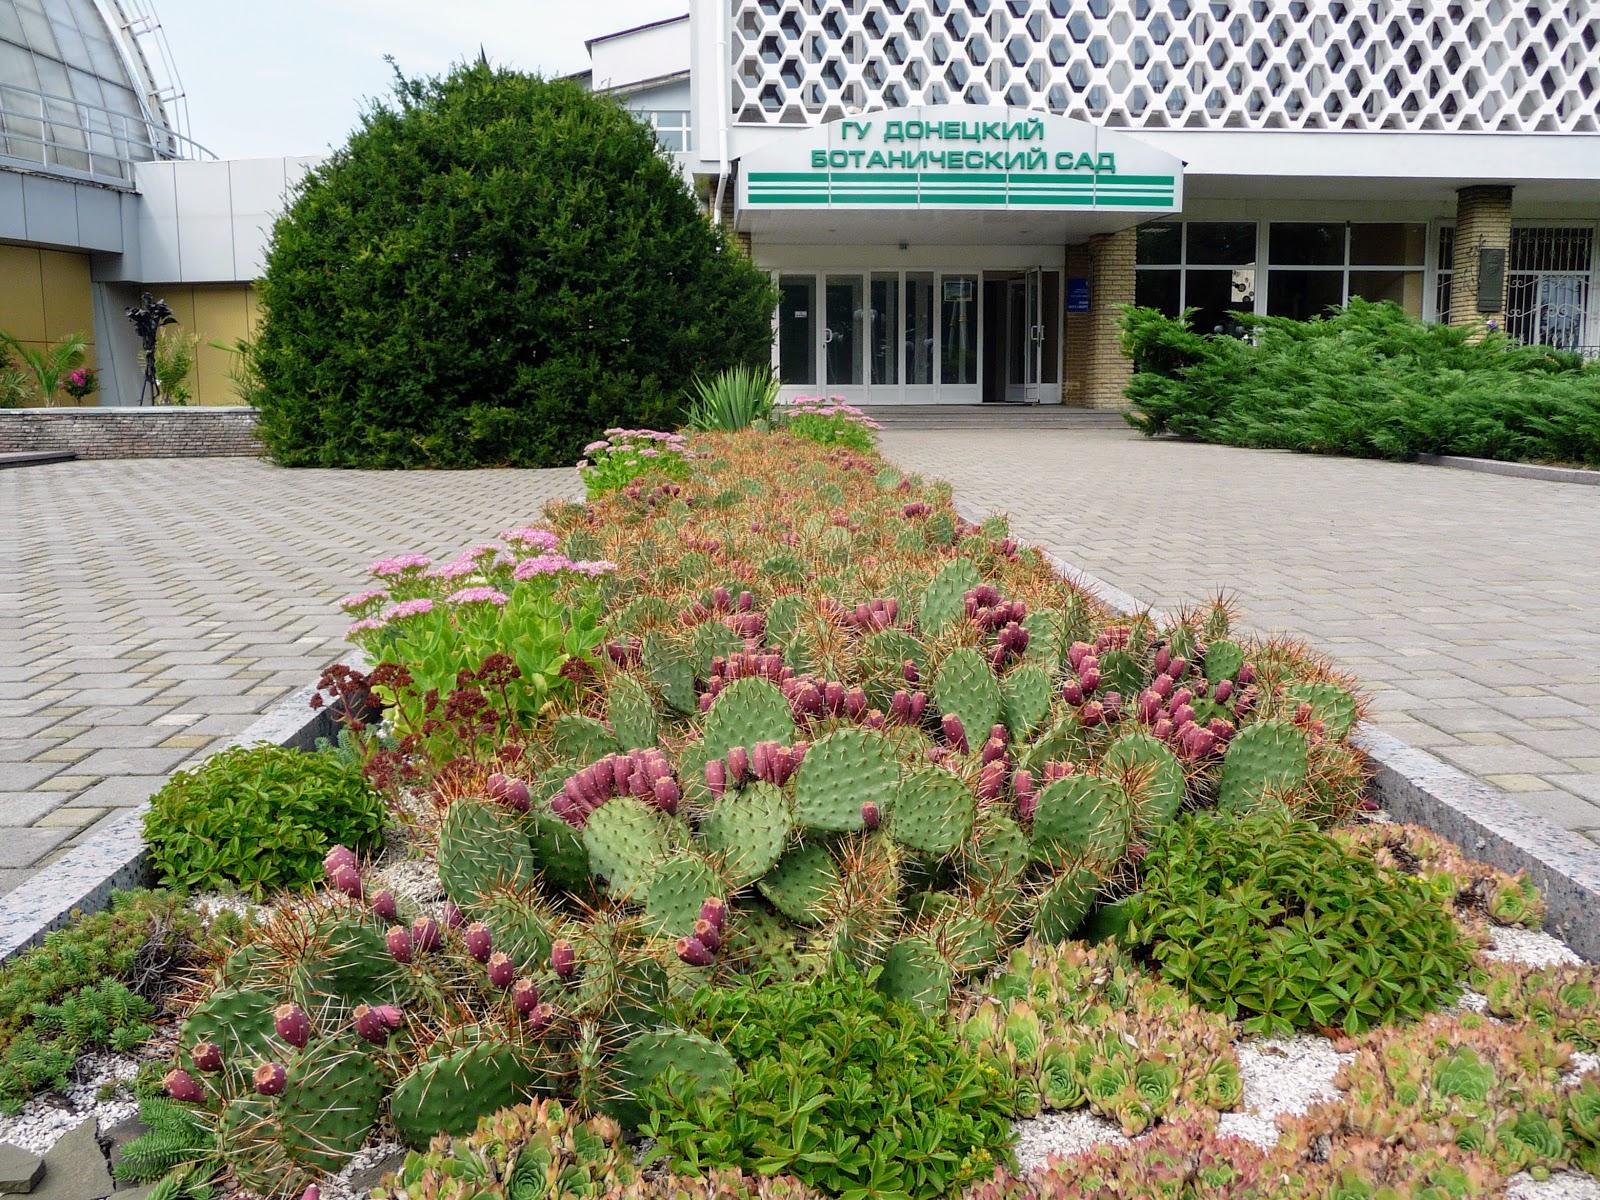 ботанический сад донецк фото ждет второго